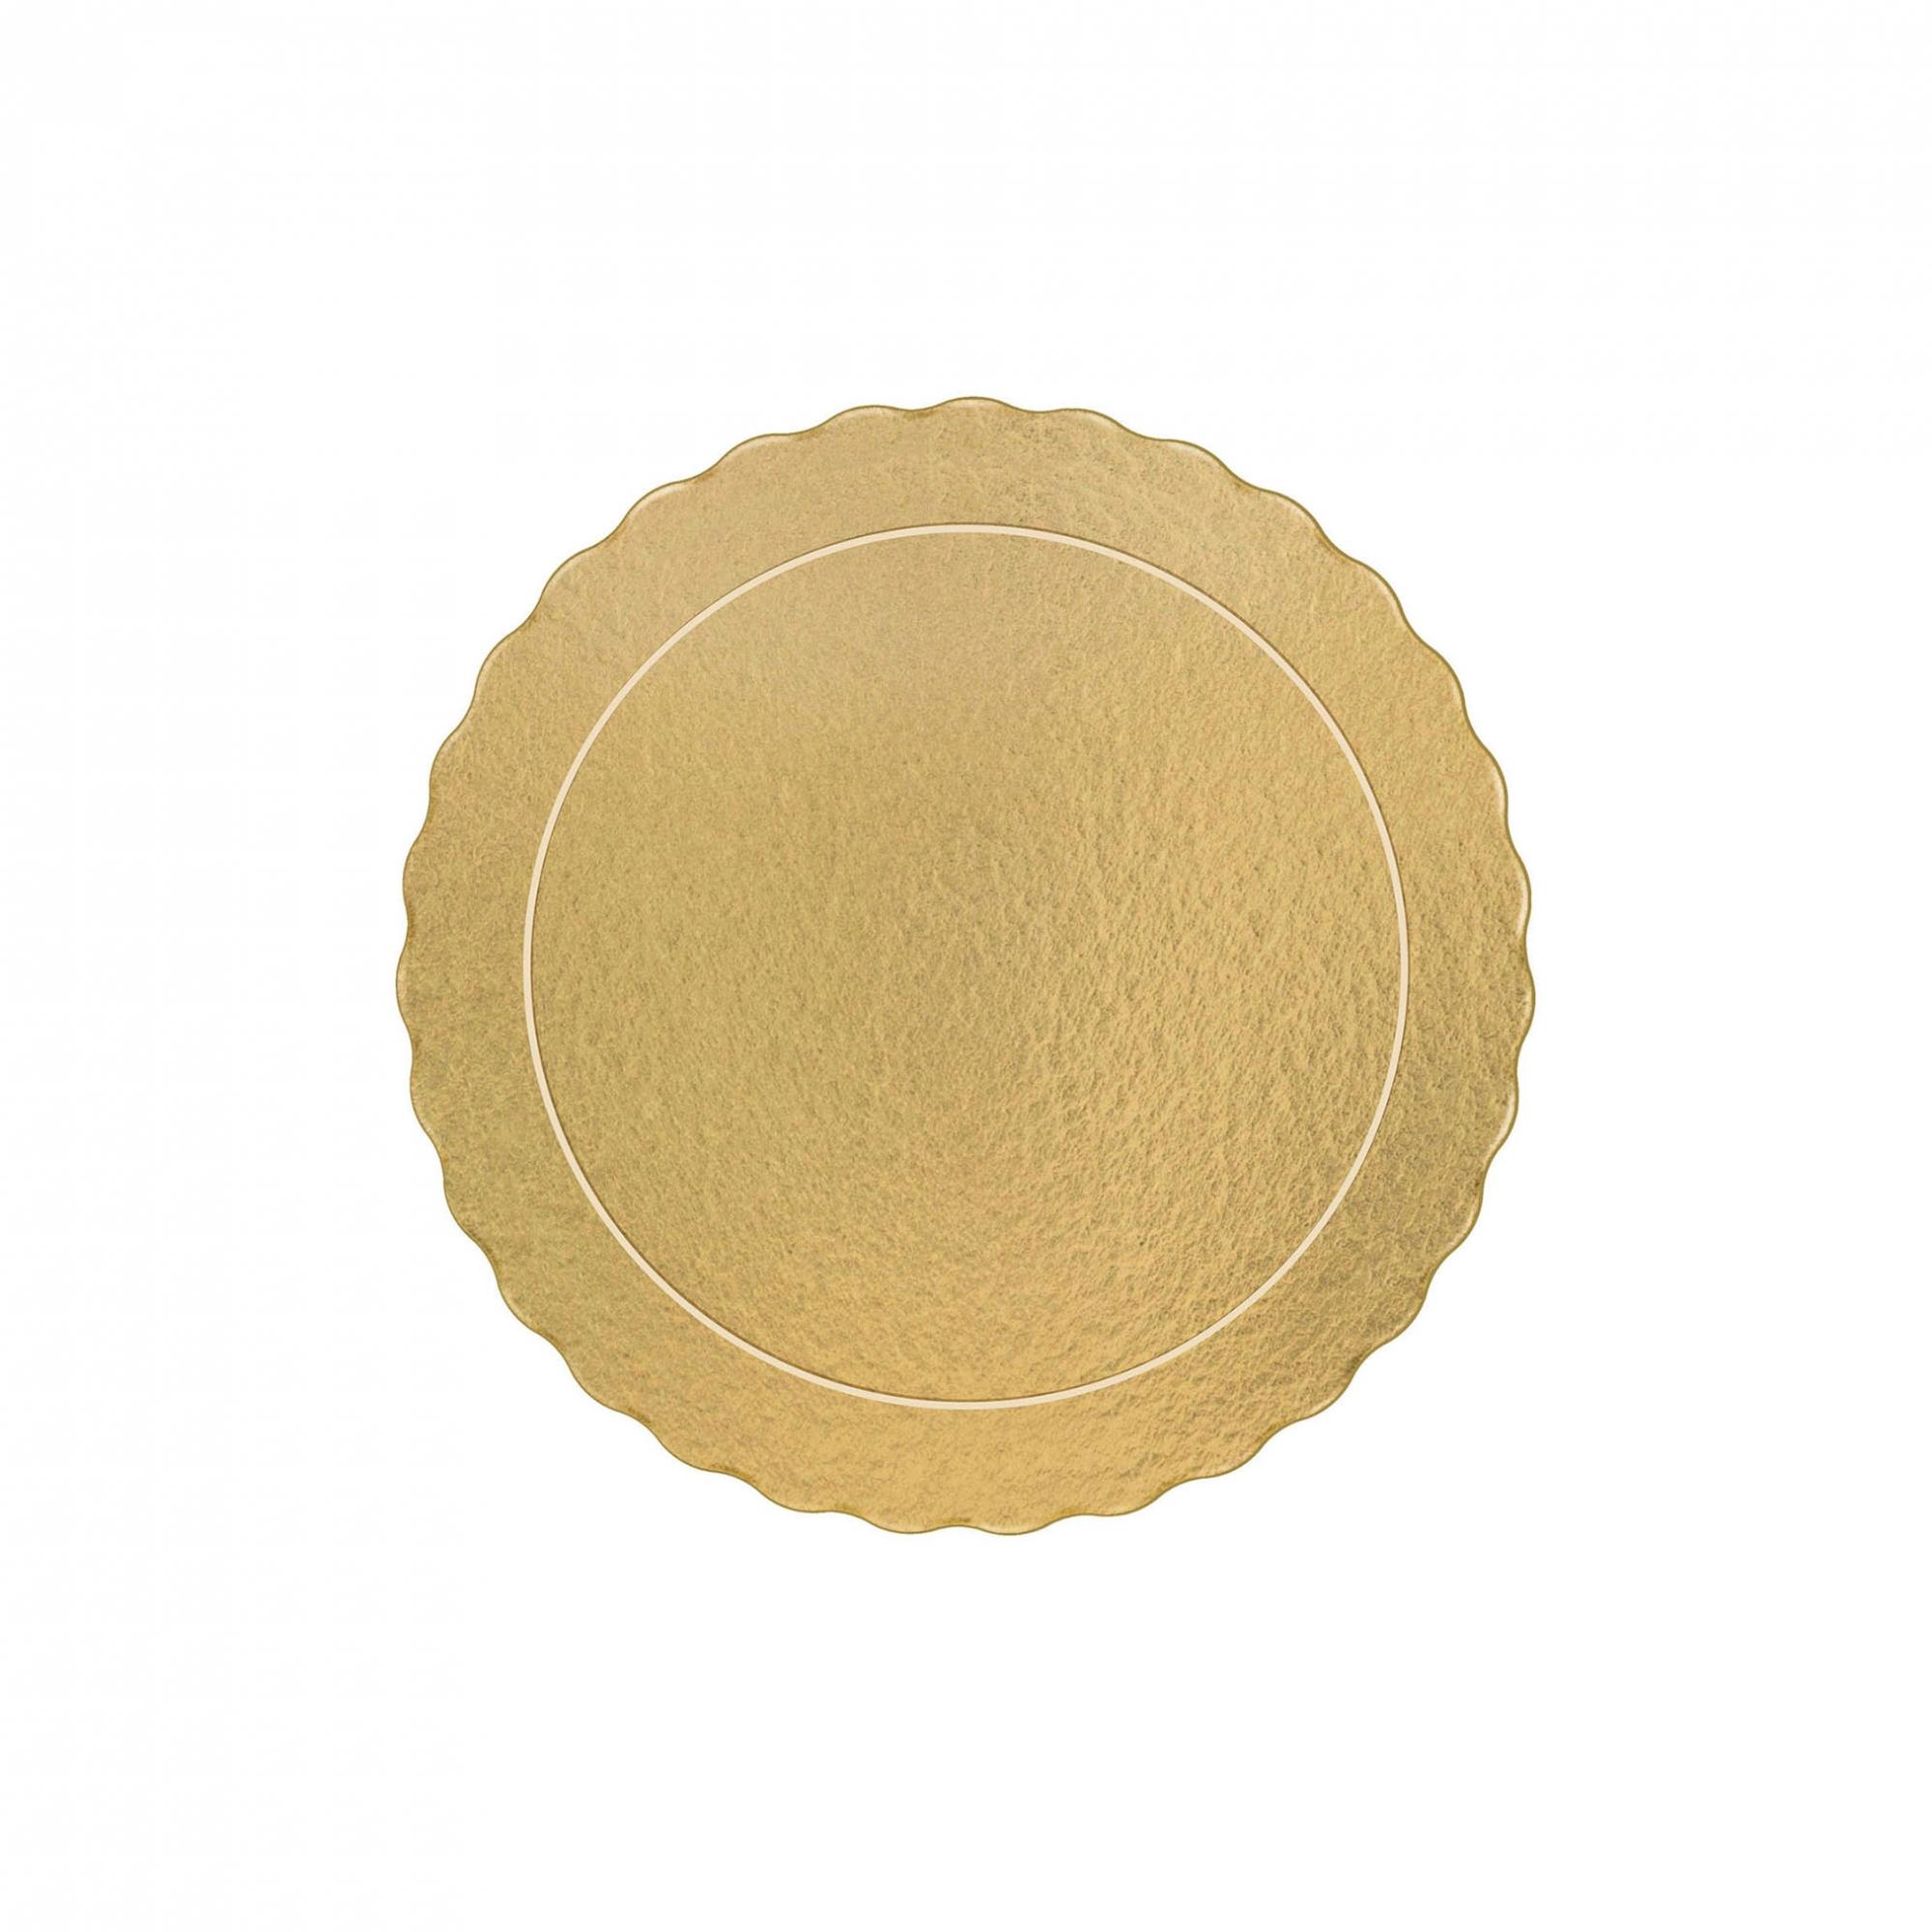 Kit 100 Bases Laminadas Para Bolo, Cake Board, 24 e 28cm - Ouro